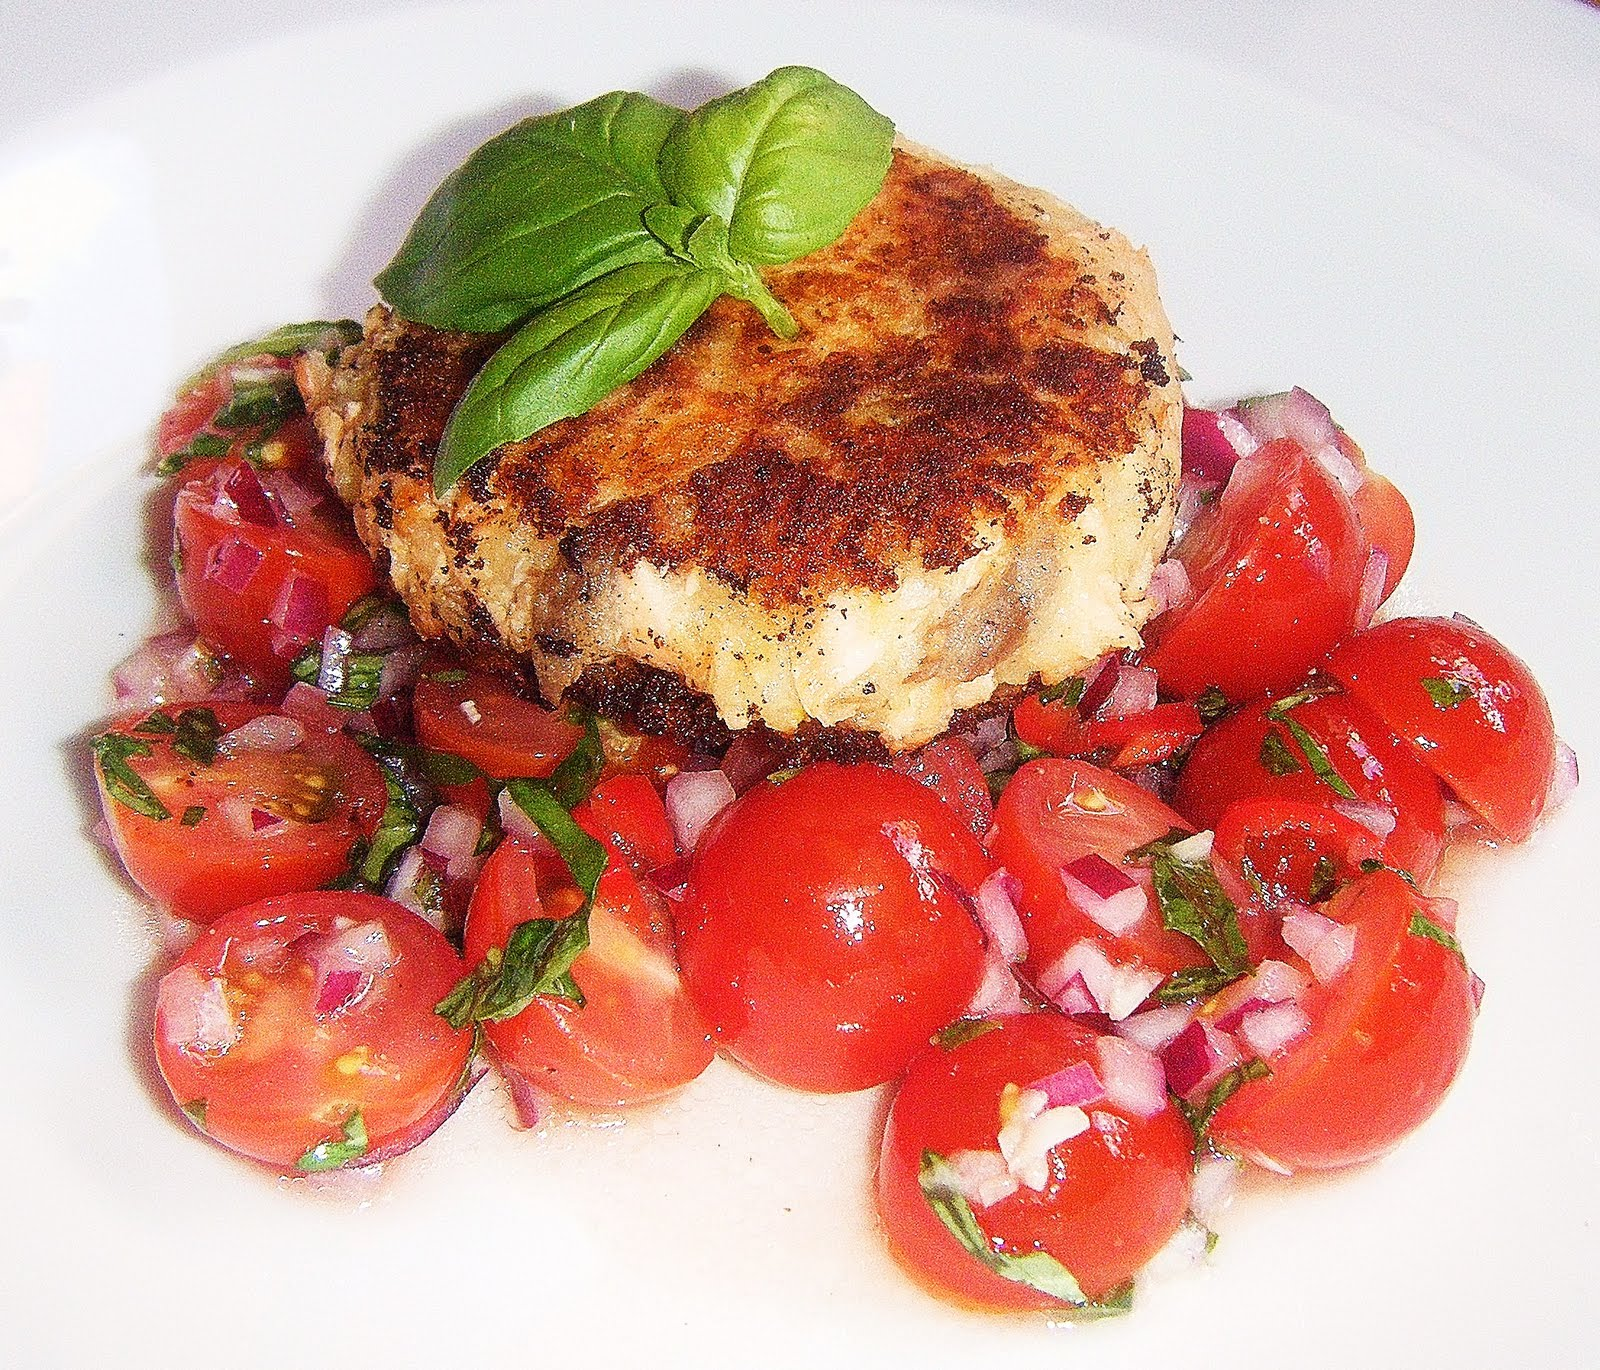 Hot Smoked Salmon Fishcakes with Tomato Salsa